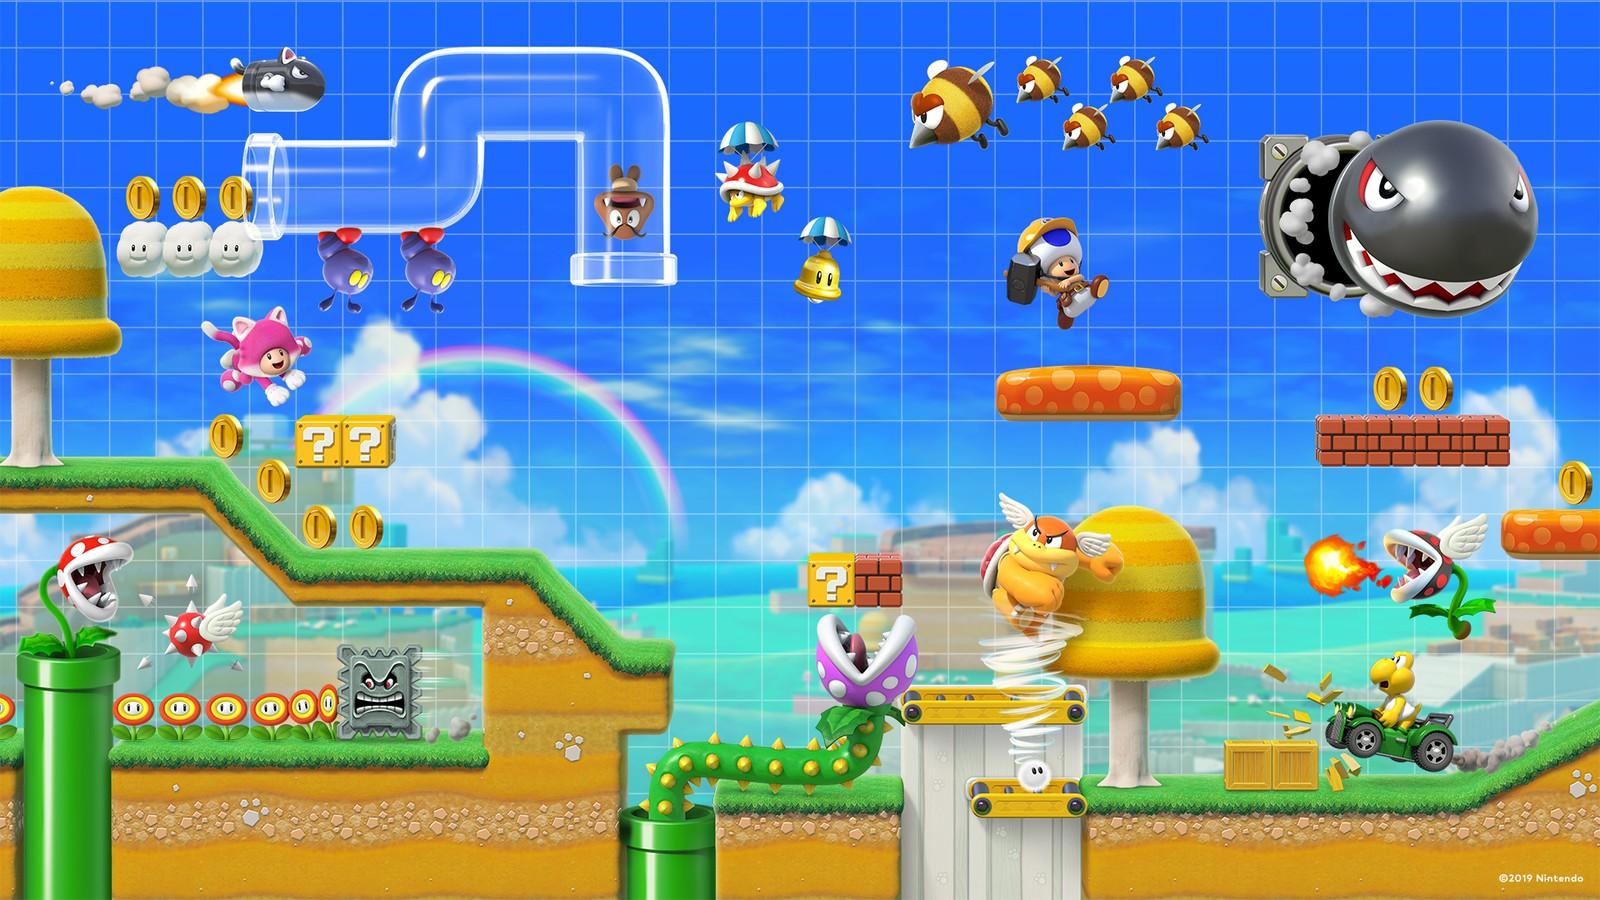 任天堂キャラクターが登場する壁紙を揃えました トピックス Nintendo